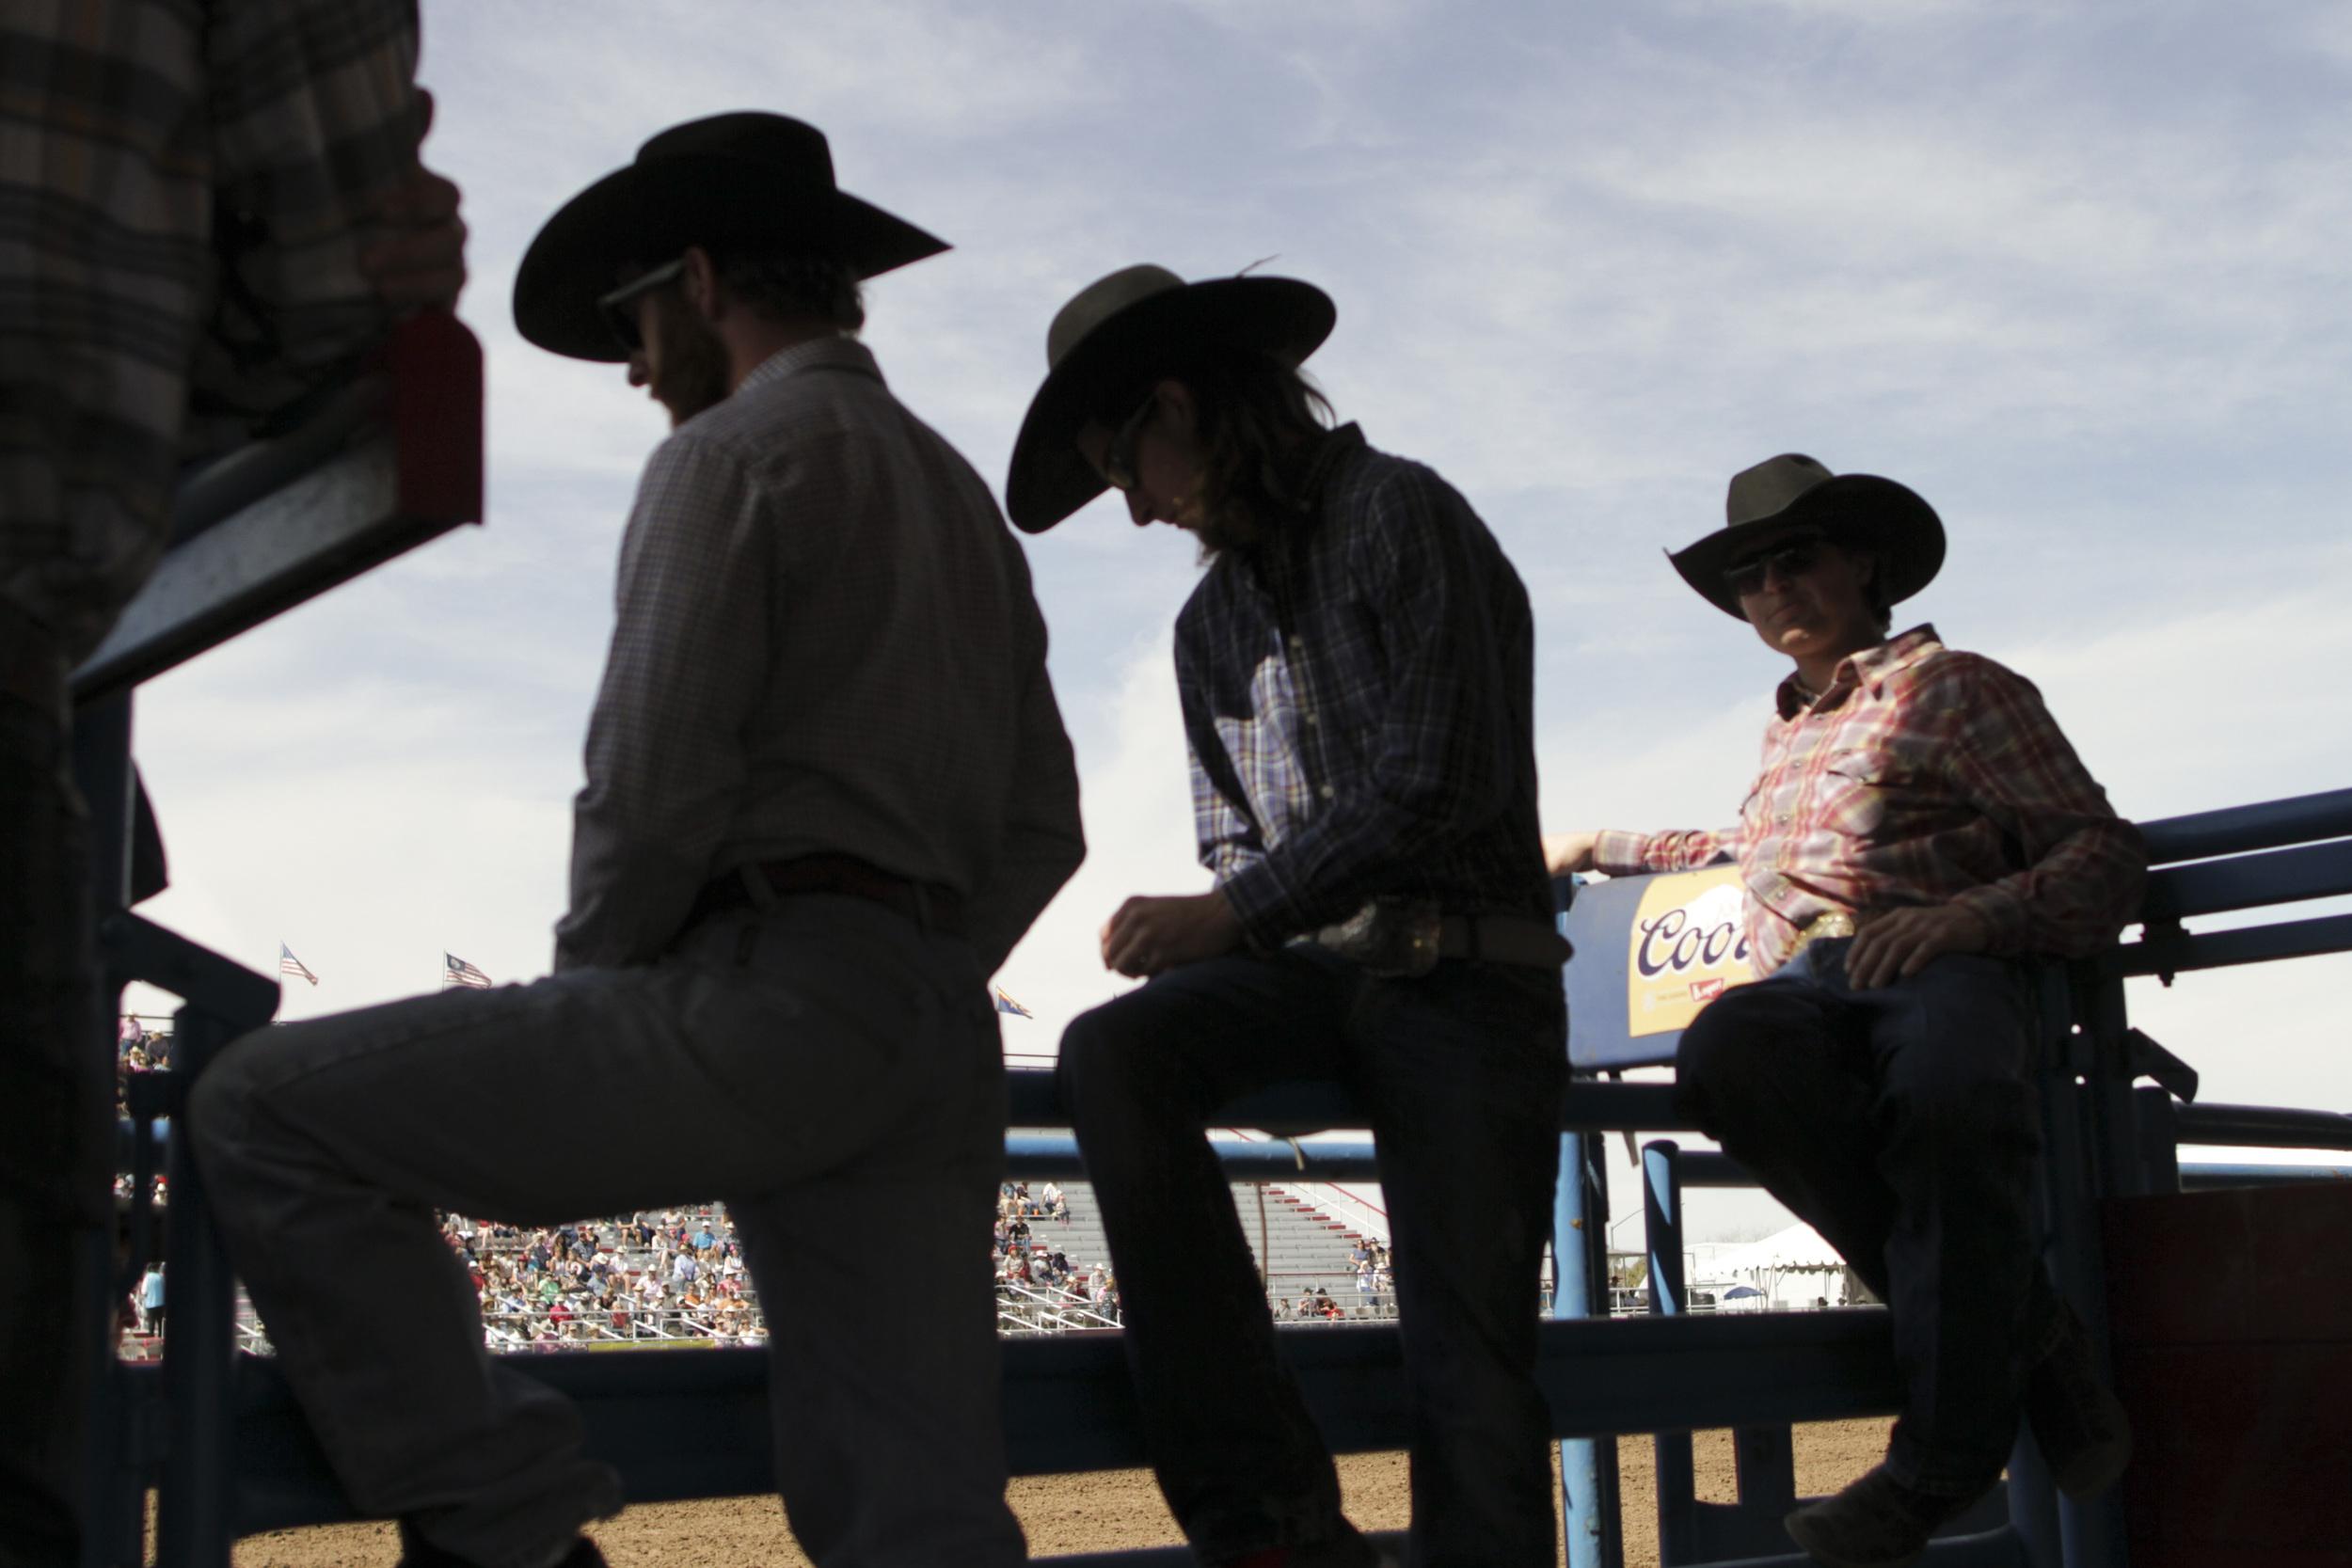 Cowboys watch the Fiesta de Los Vaqueros in Tucson, Arizona in February 2014.